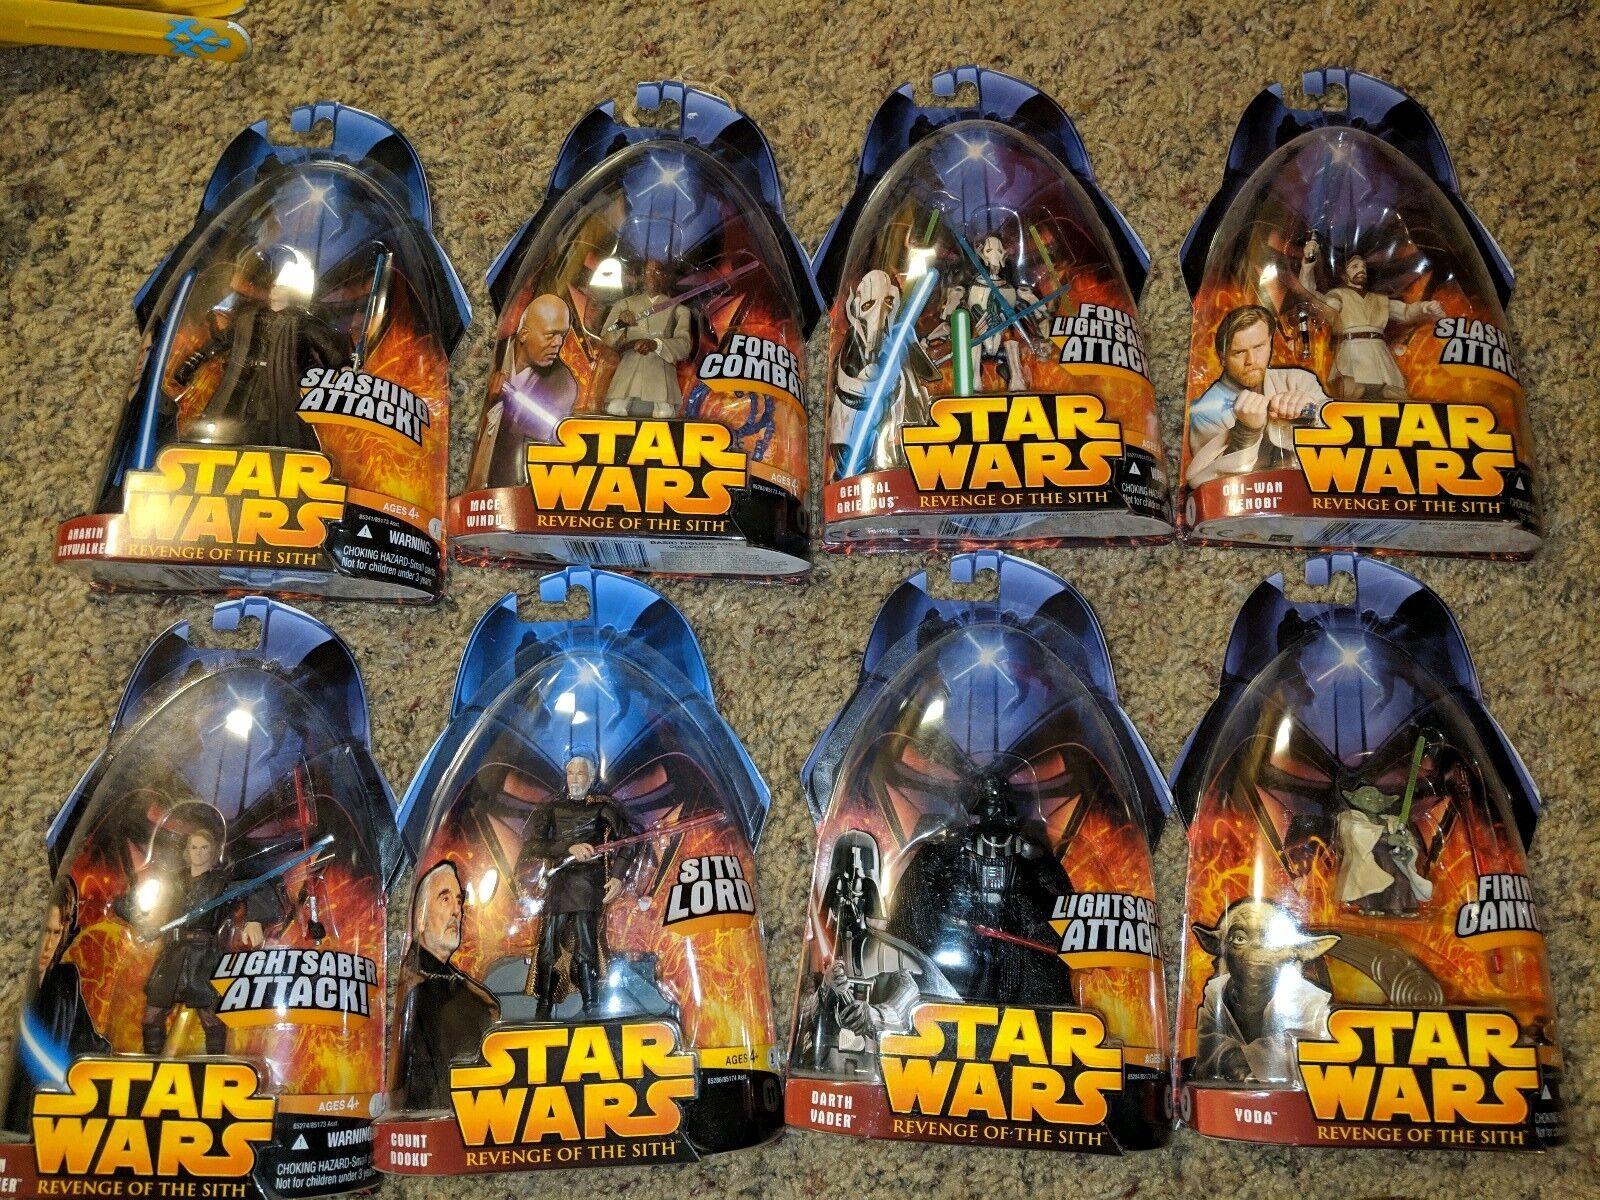 nouveau Star Wars  Figure Lot Revenge Of The Sith Collection,2005  meilleure vente